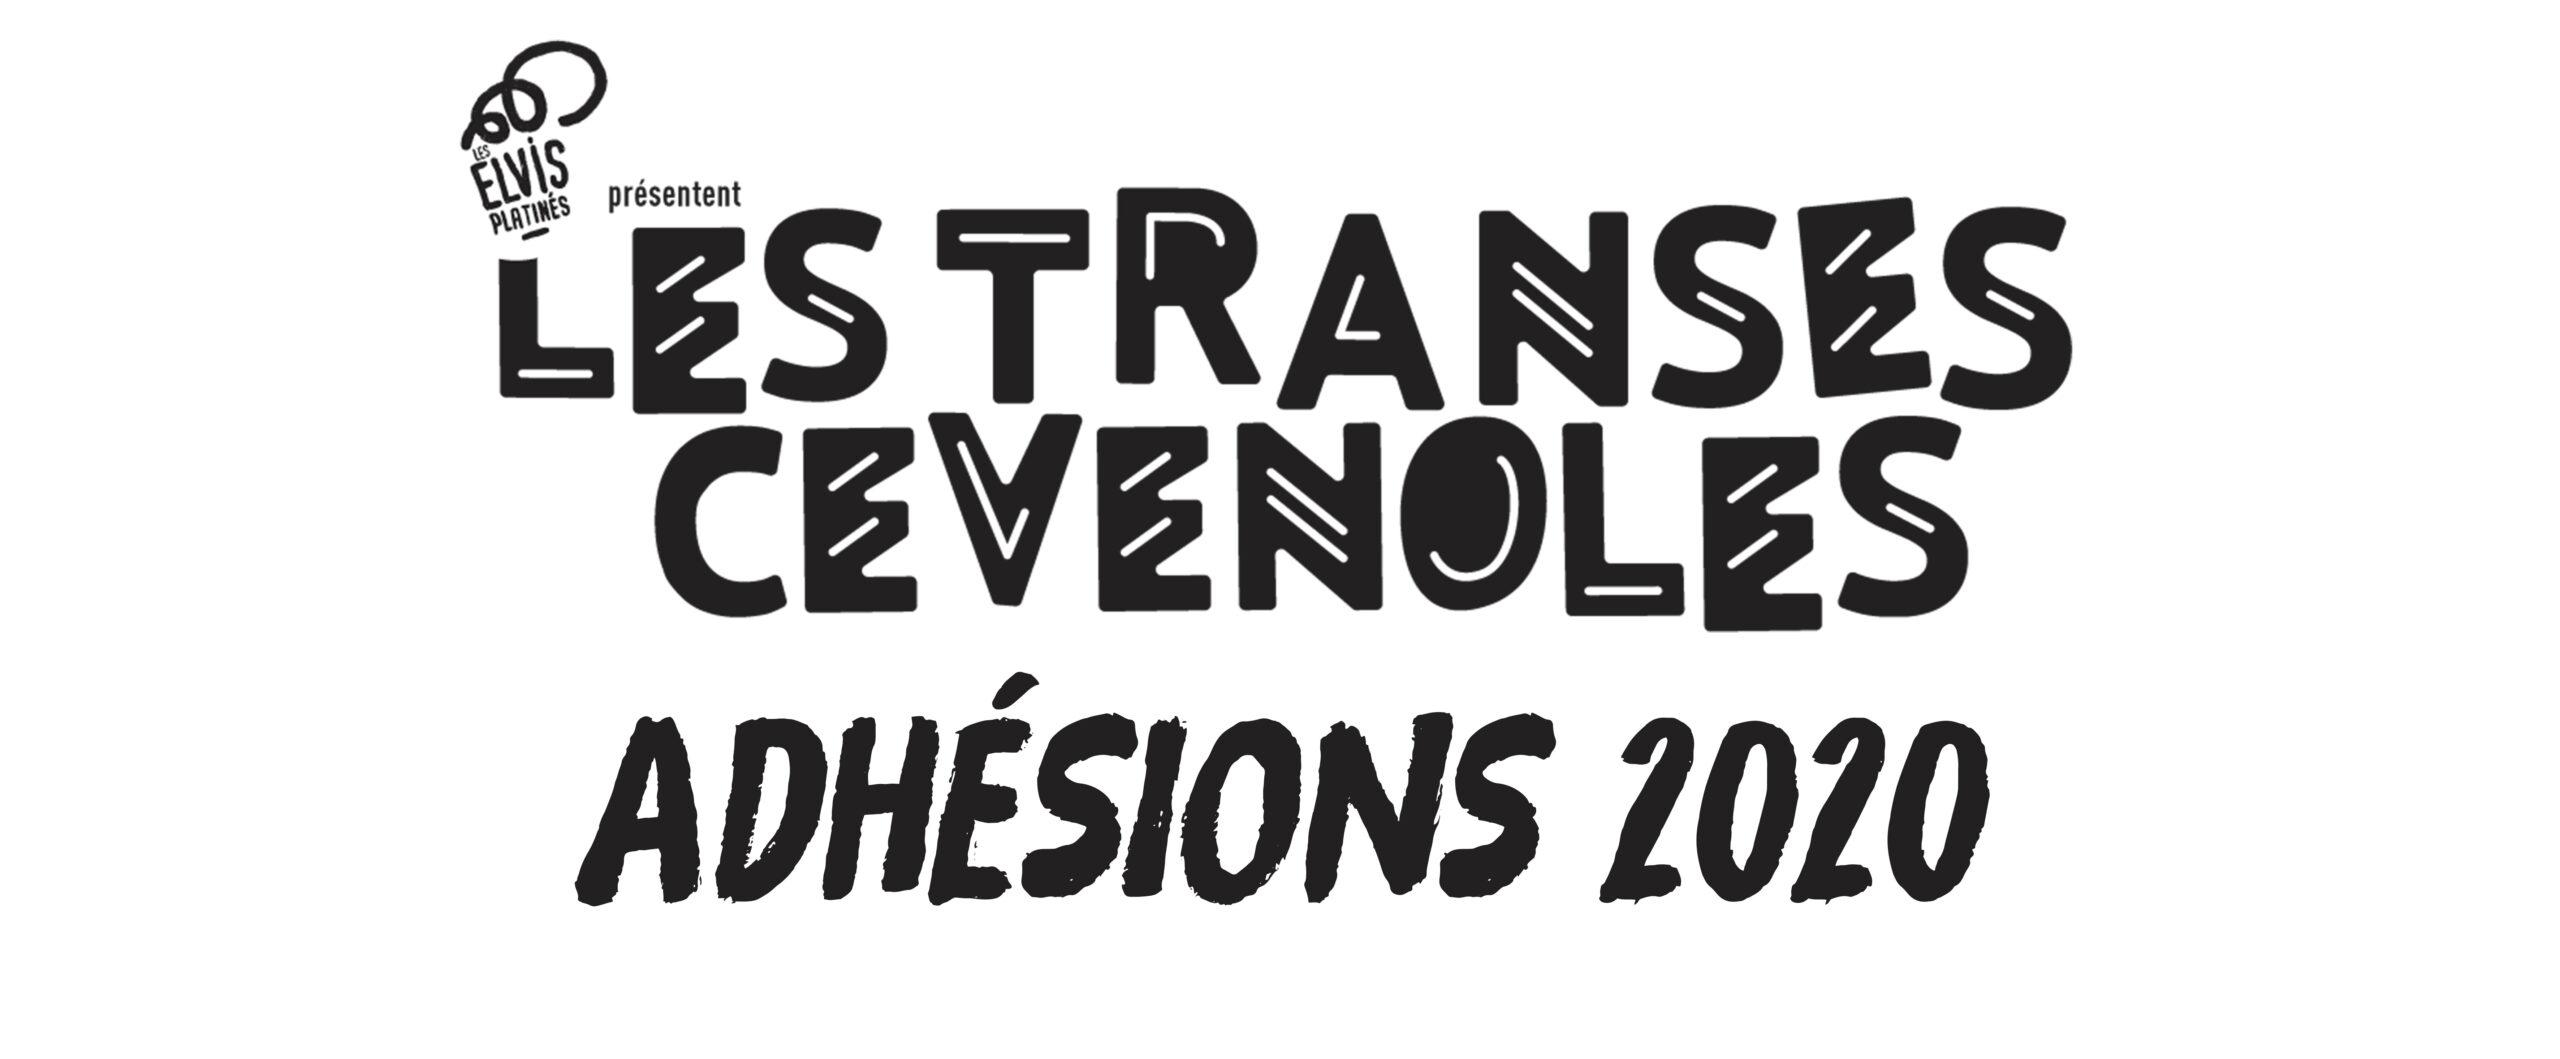 Les adhésions 2020 sont lancées !